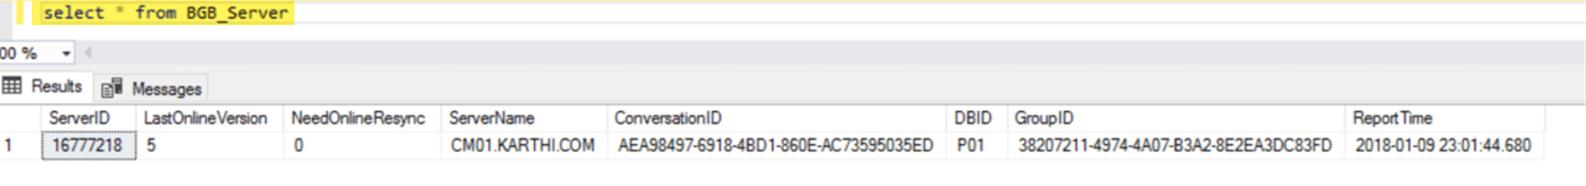 SCCM Client Online Status in SCCM Console